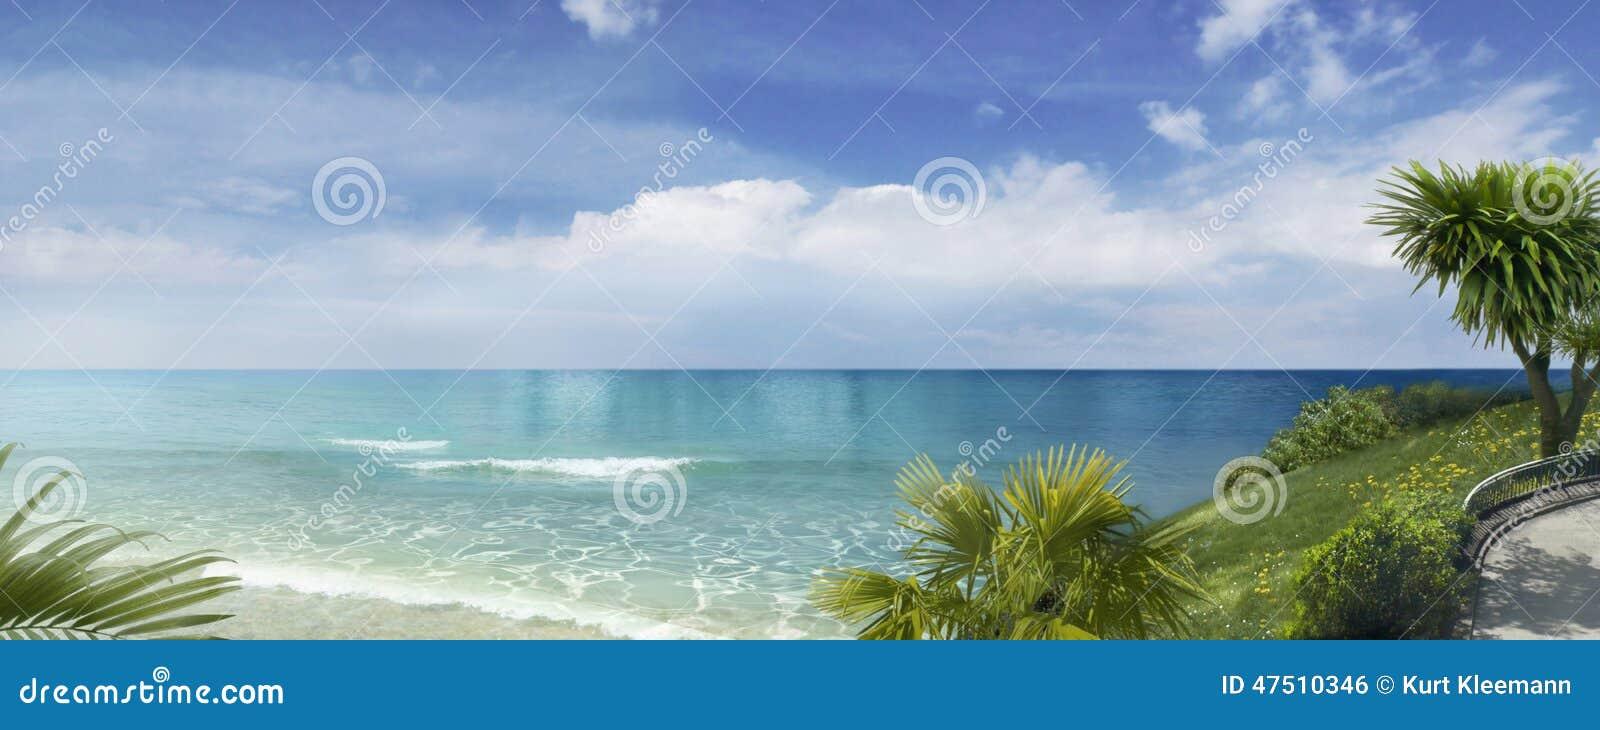 Panorama del mar del sur